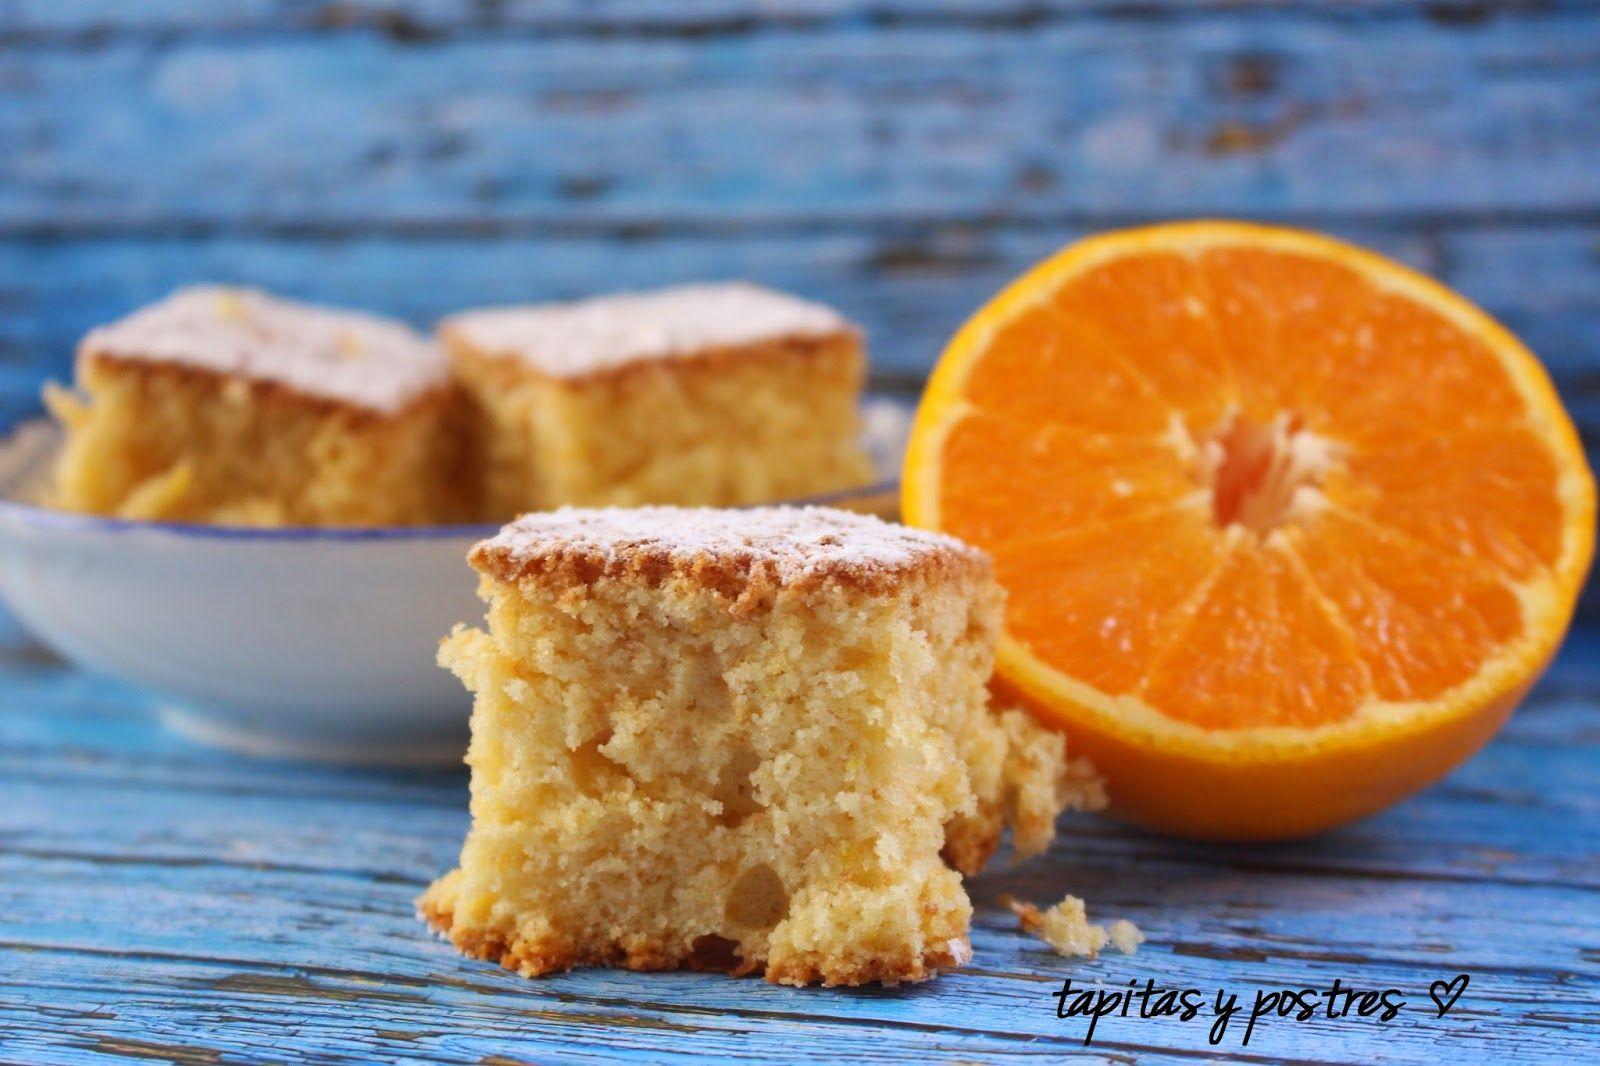 Tapitas y Postres: Bizcocho de claras y naranja.